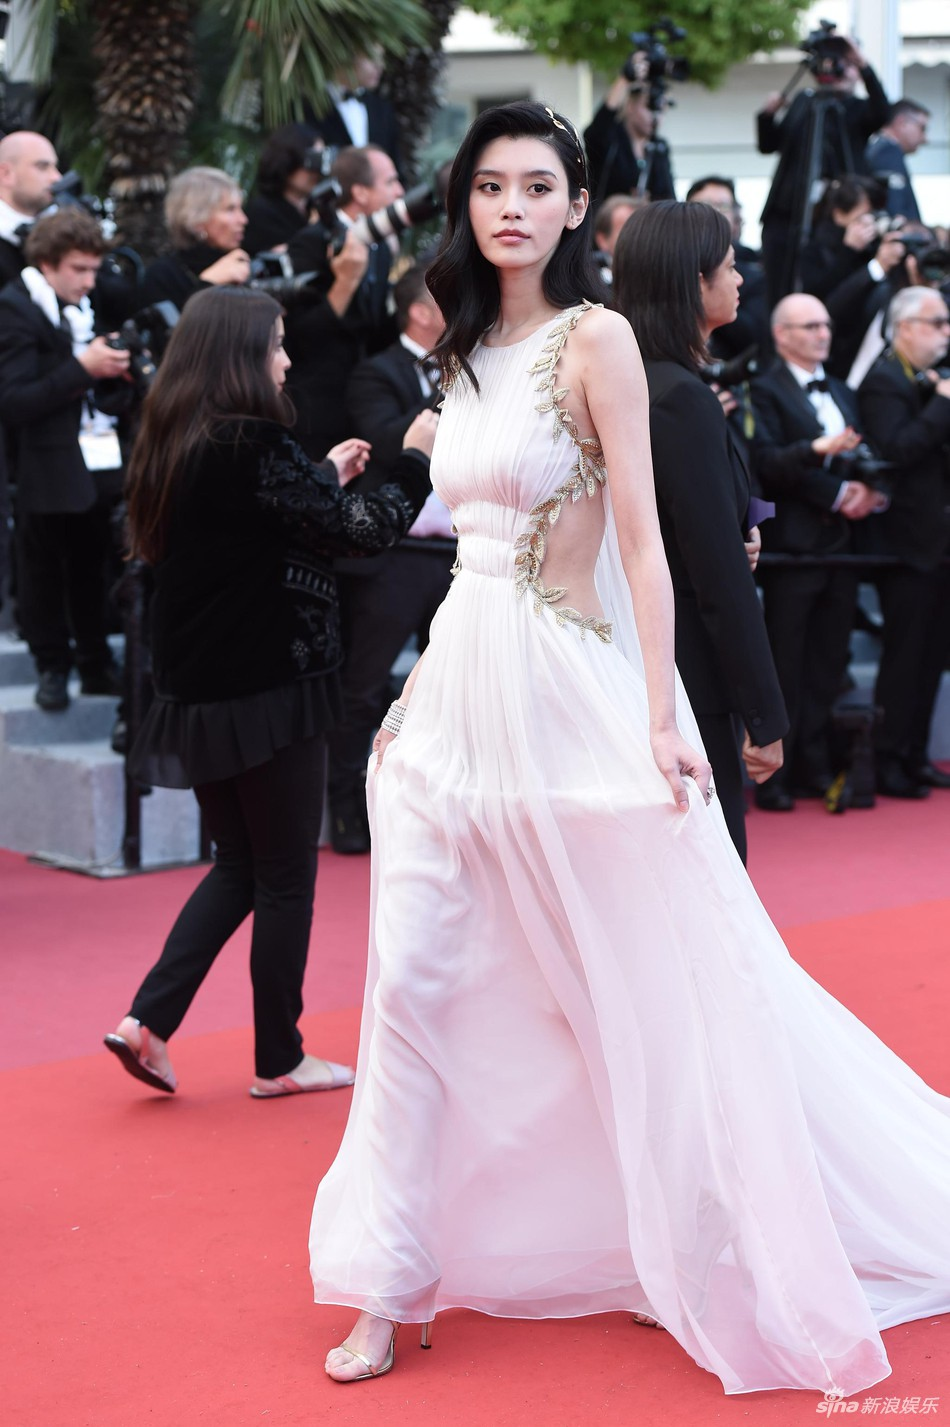 Thảm đỏ LHP Cannes: Cổ Lực Na Trát hở ngực gợi cảm nhưng bị loạt mỹ nhân châu Á khác át vía - Ảnh 5.